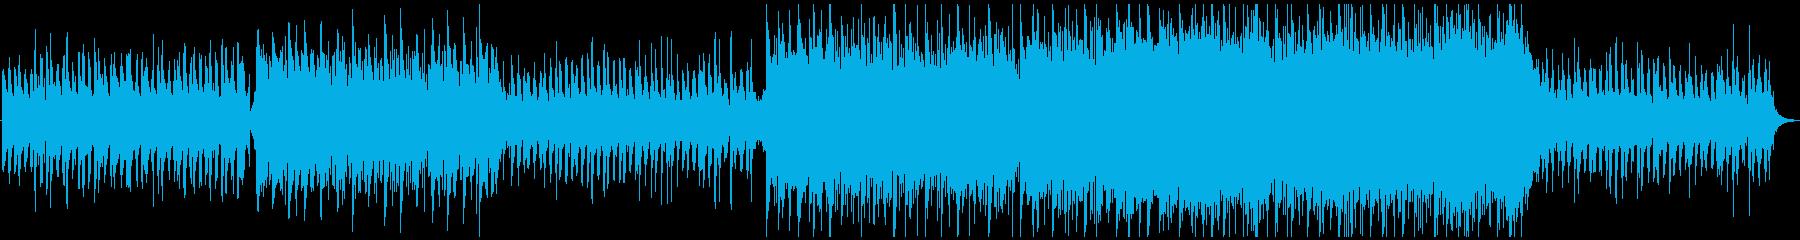 モダン 実験的 感情的 バラード ...の再生済みの波形